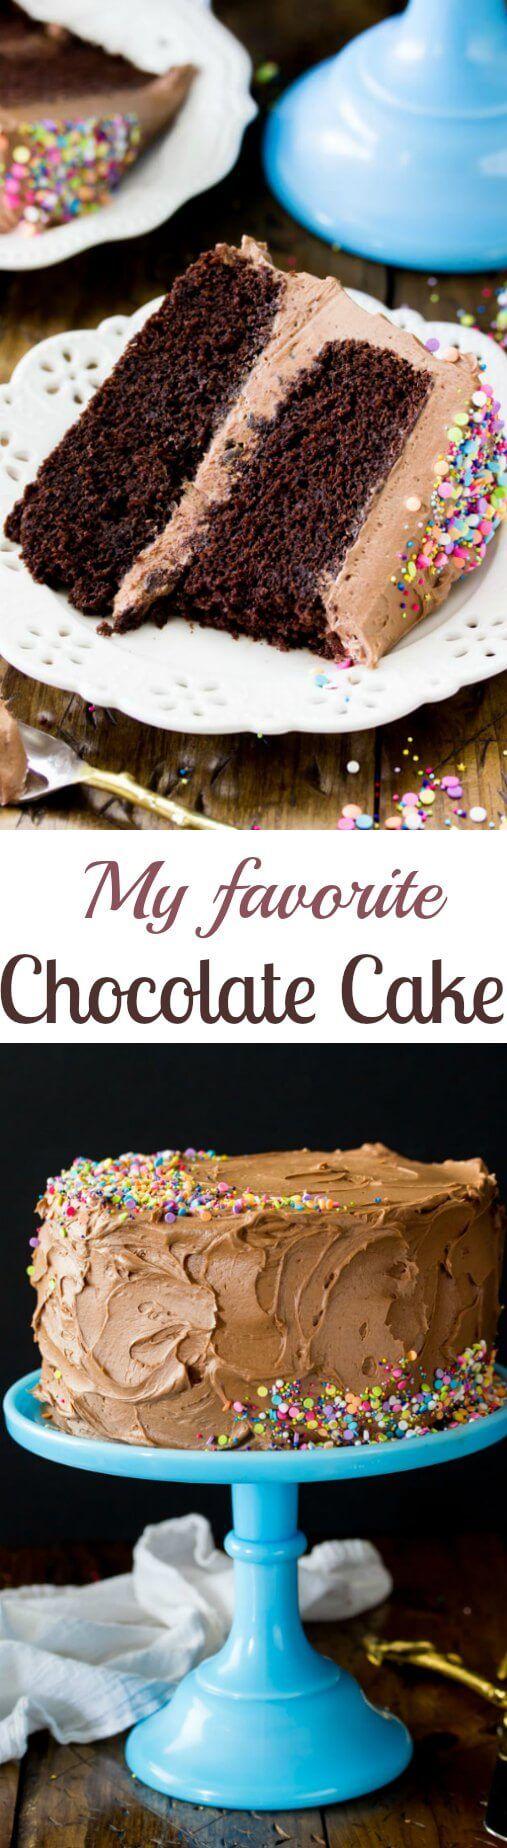 Chocolate Cake via @sugarsunrun